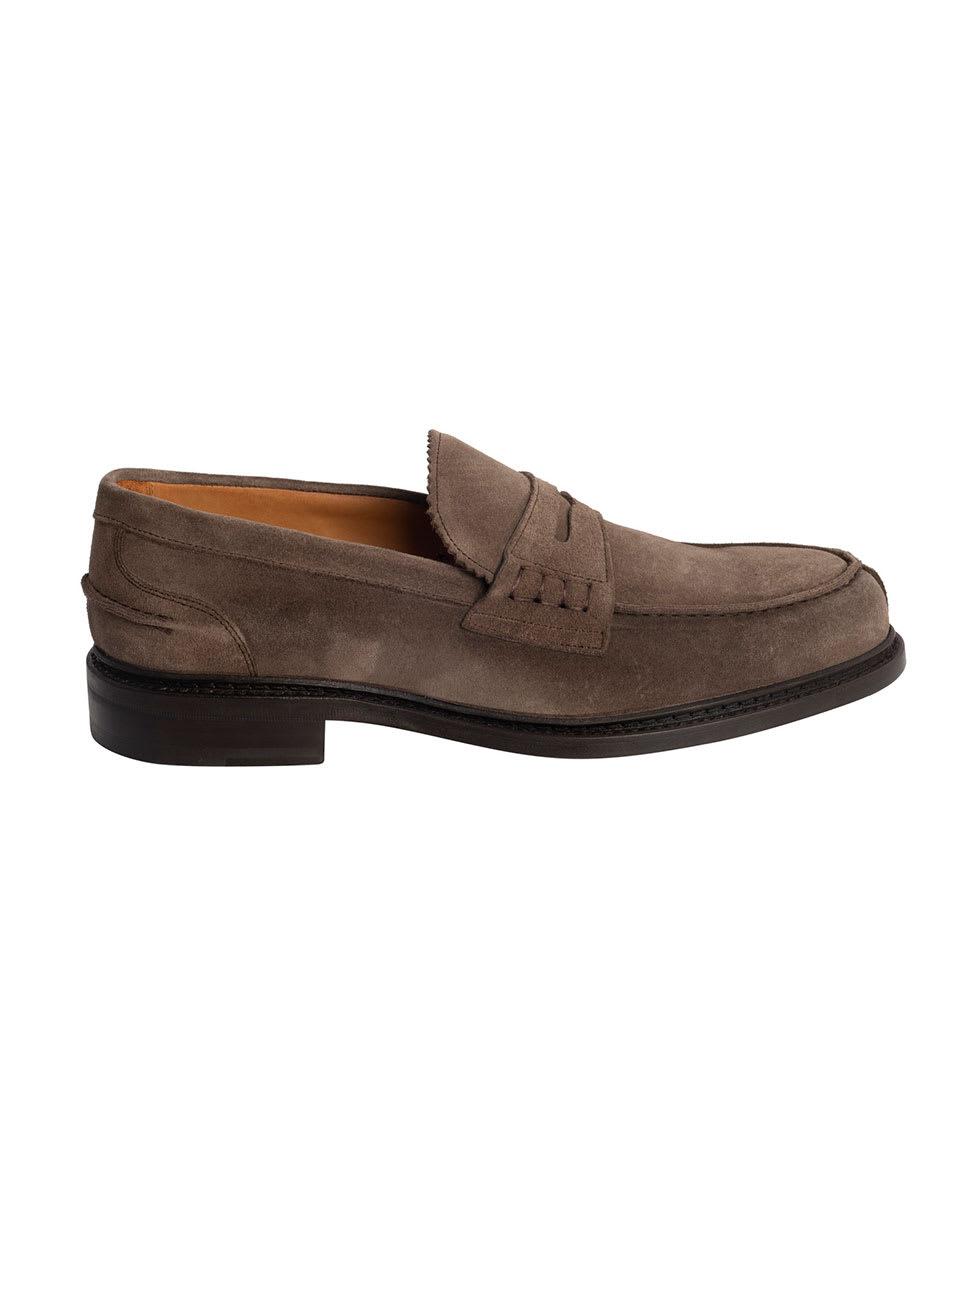 1707 Loafer